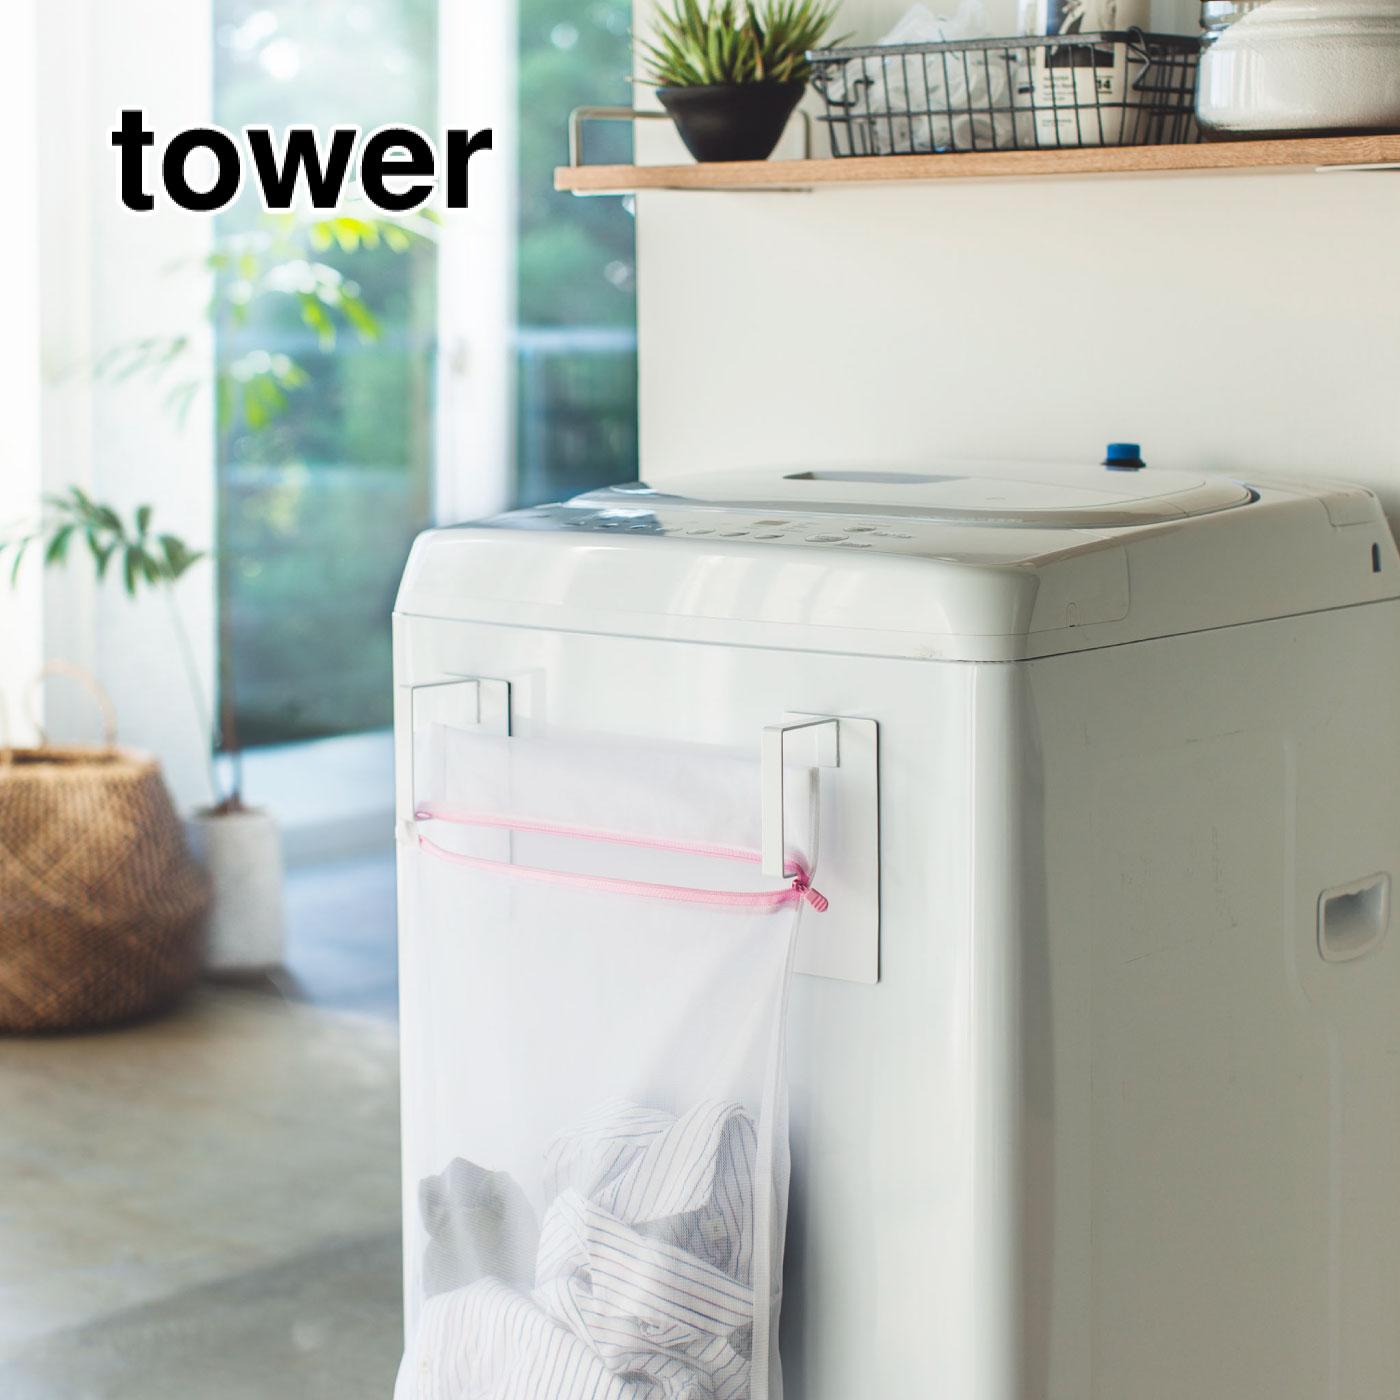 tower マグネット洗濯ネットハンガー